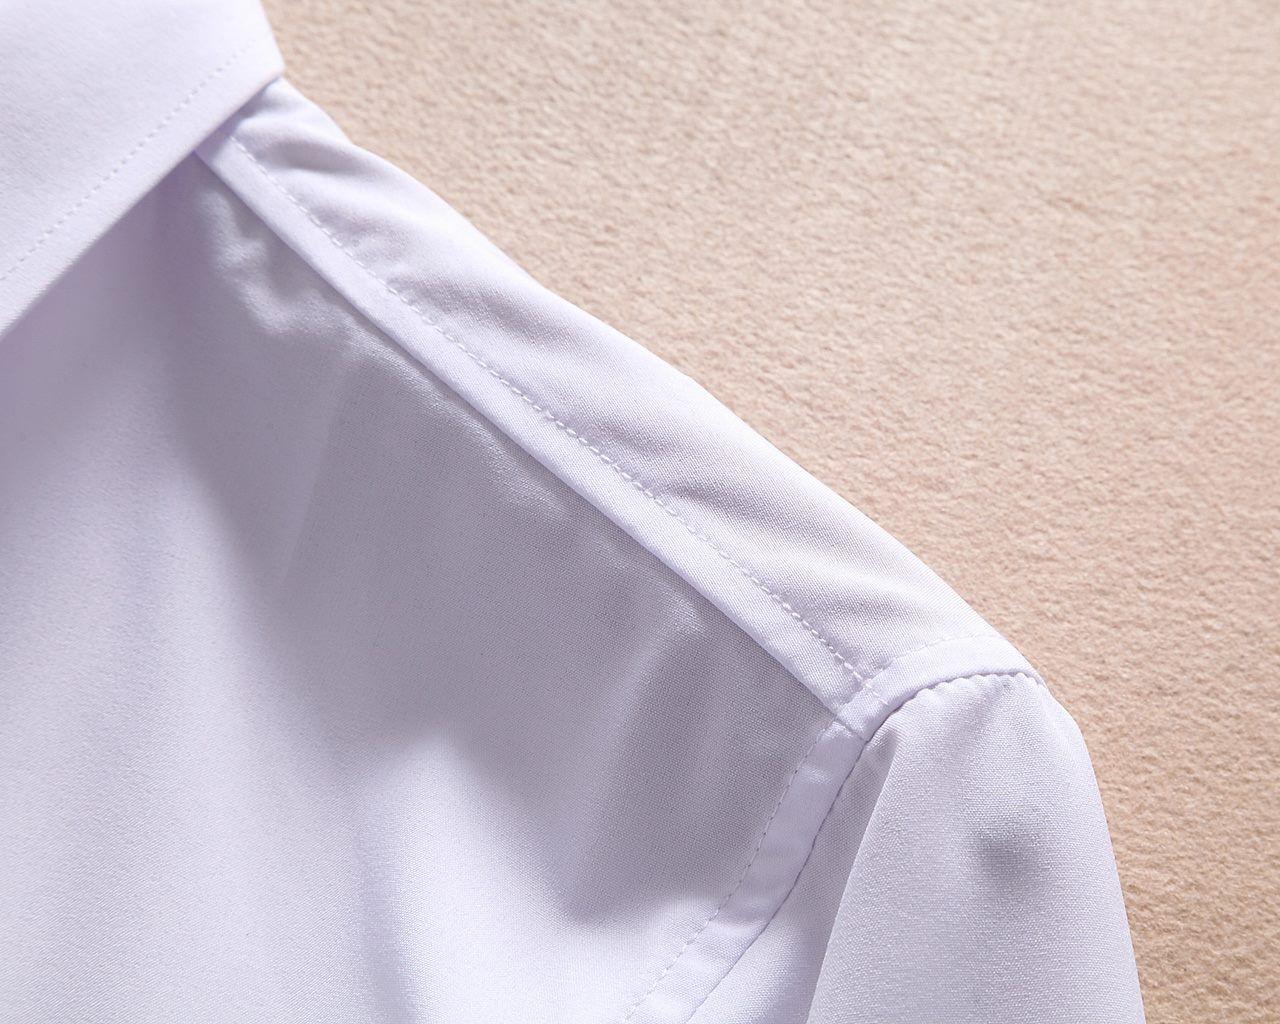 Hemden Neue Ankunft Frühjahr Männlichen Einfarbig Lila Kleid Shirt Extra Große Hohe Qualität Lange Hülse Plus Größe M-4xl5xl6xl7xl8xl9xl